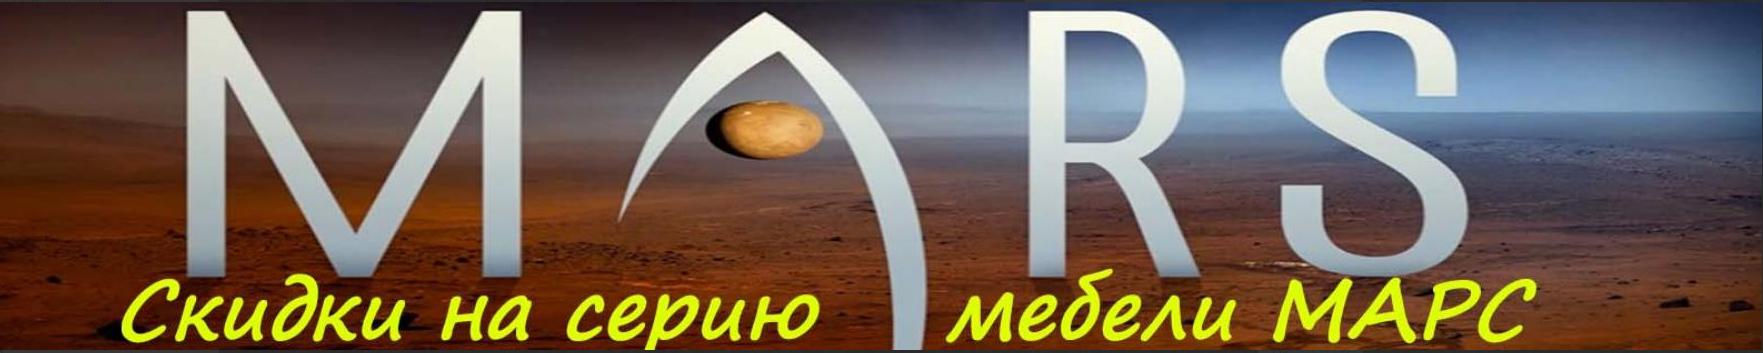 Скидка на марс